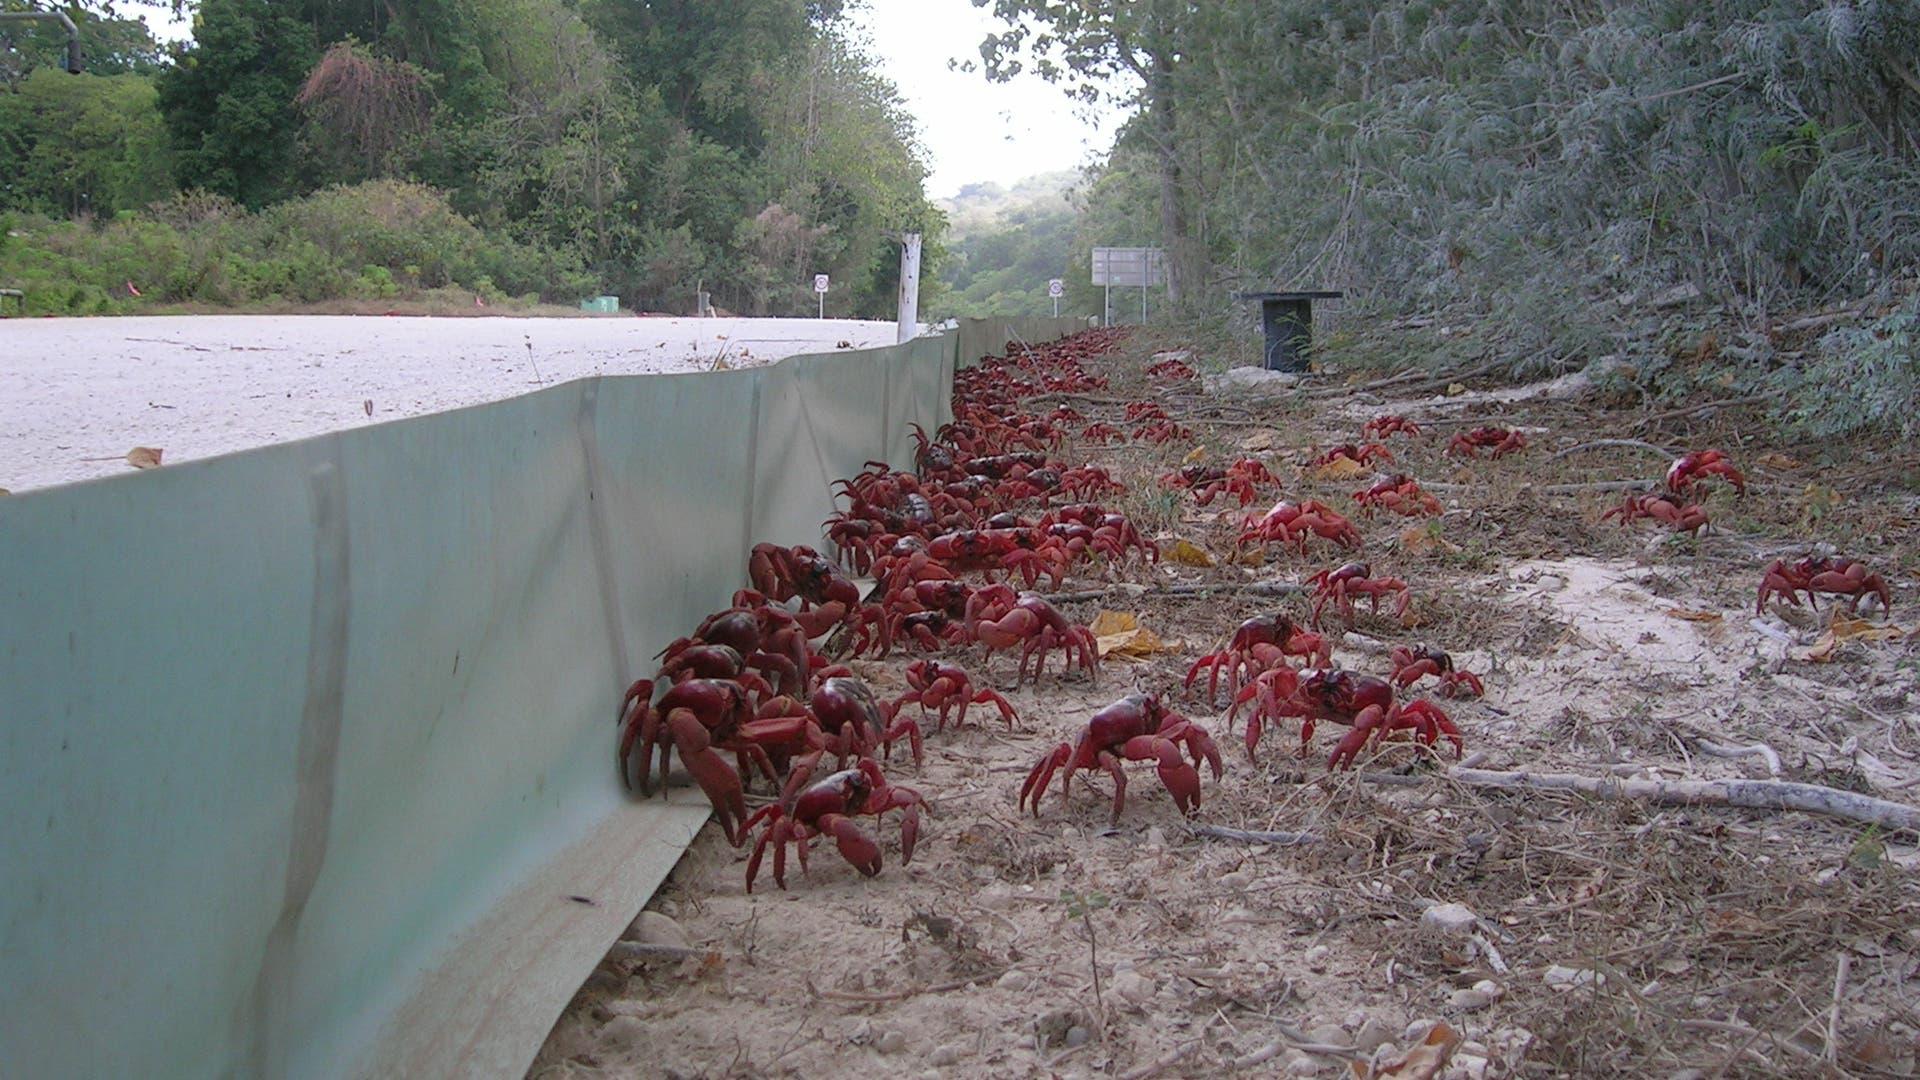 Verkehrsgefahr durch Weihnachtsinsel-Krabbenflut